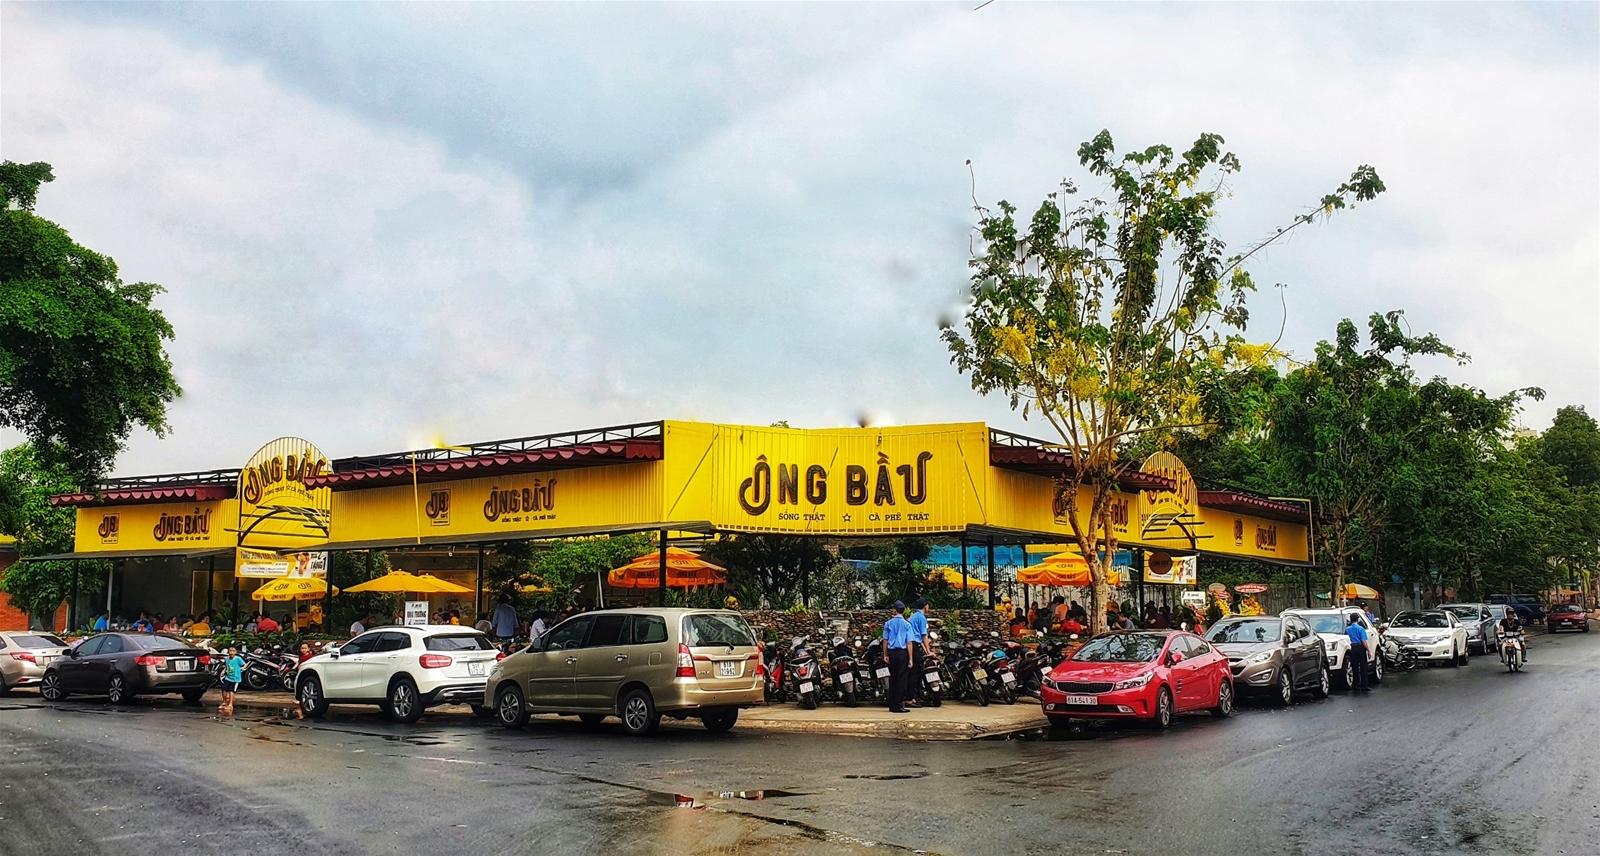 Chuỗi cà phê Ông Bầu mở quán lớn nhất tại Bình Dương